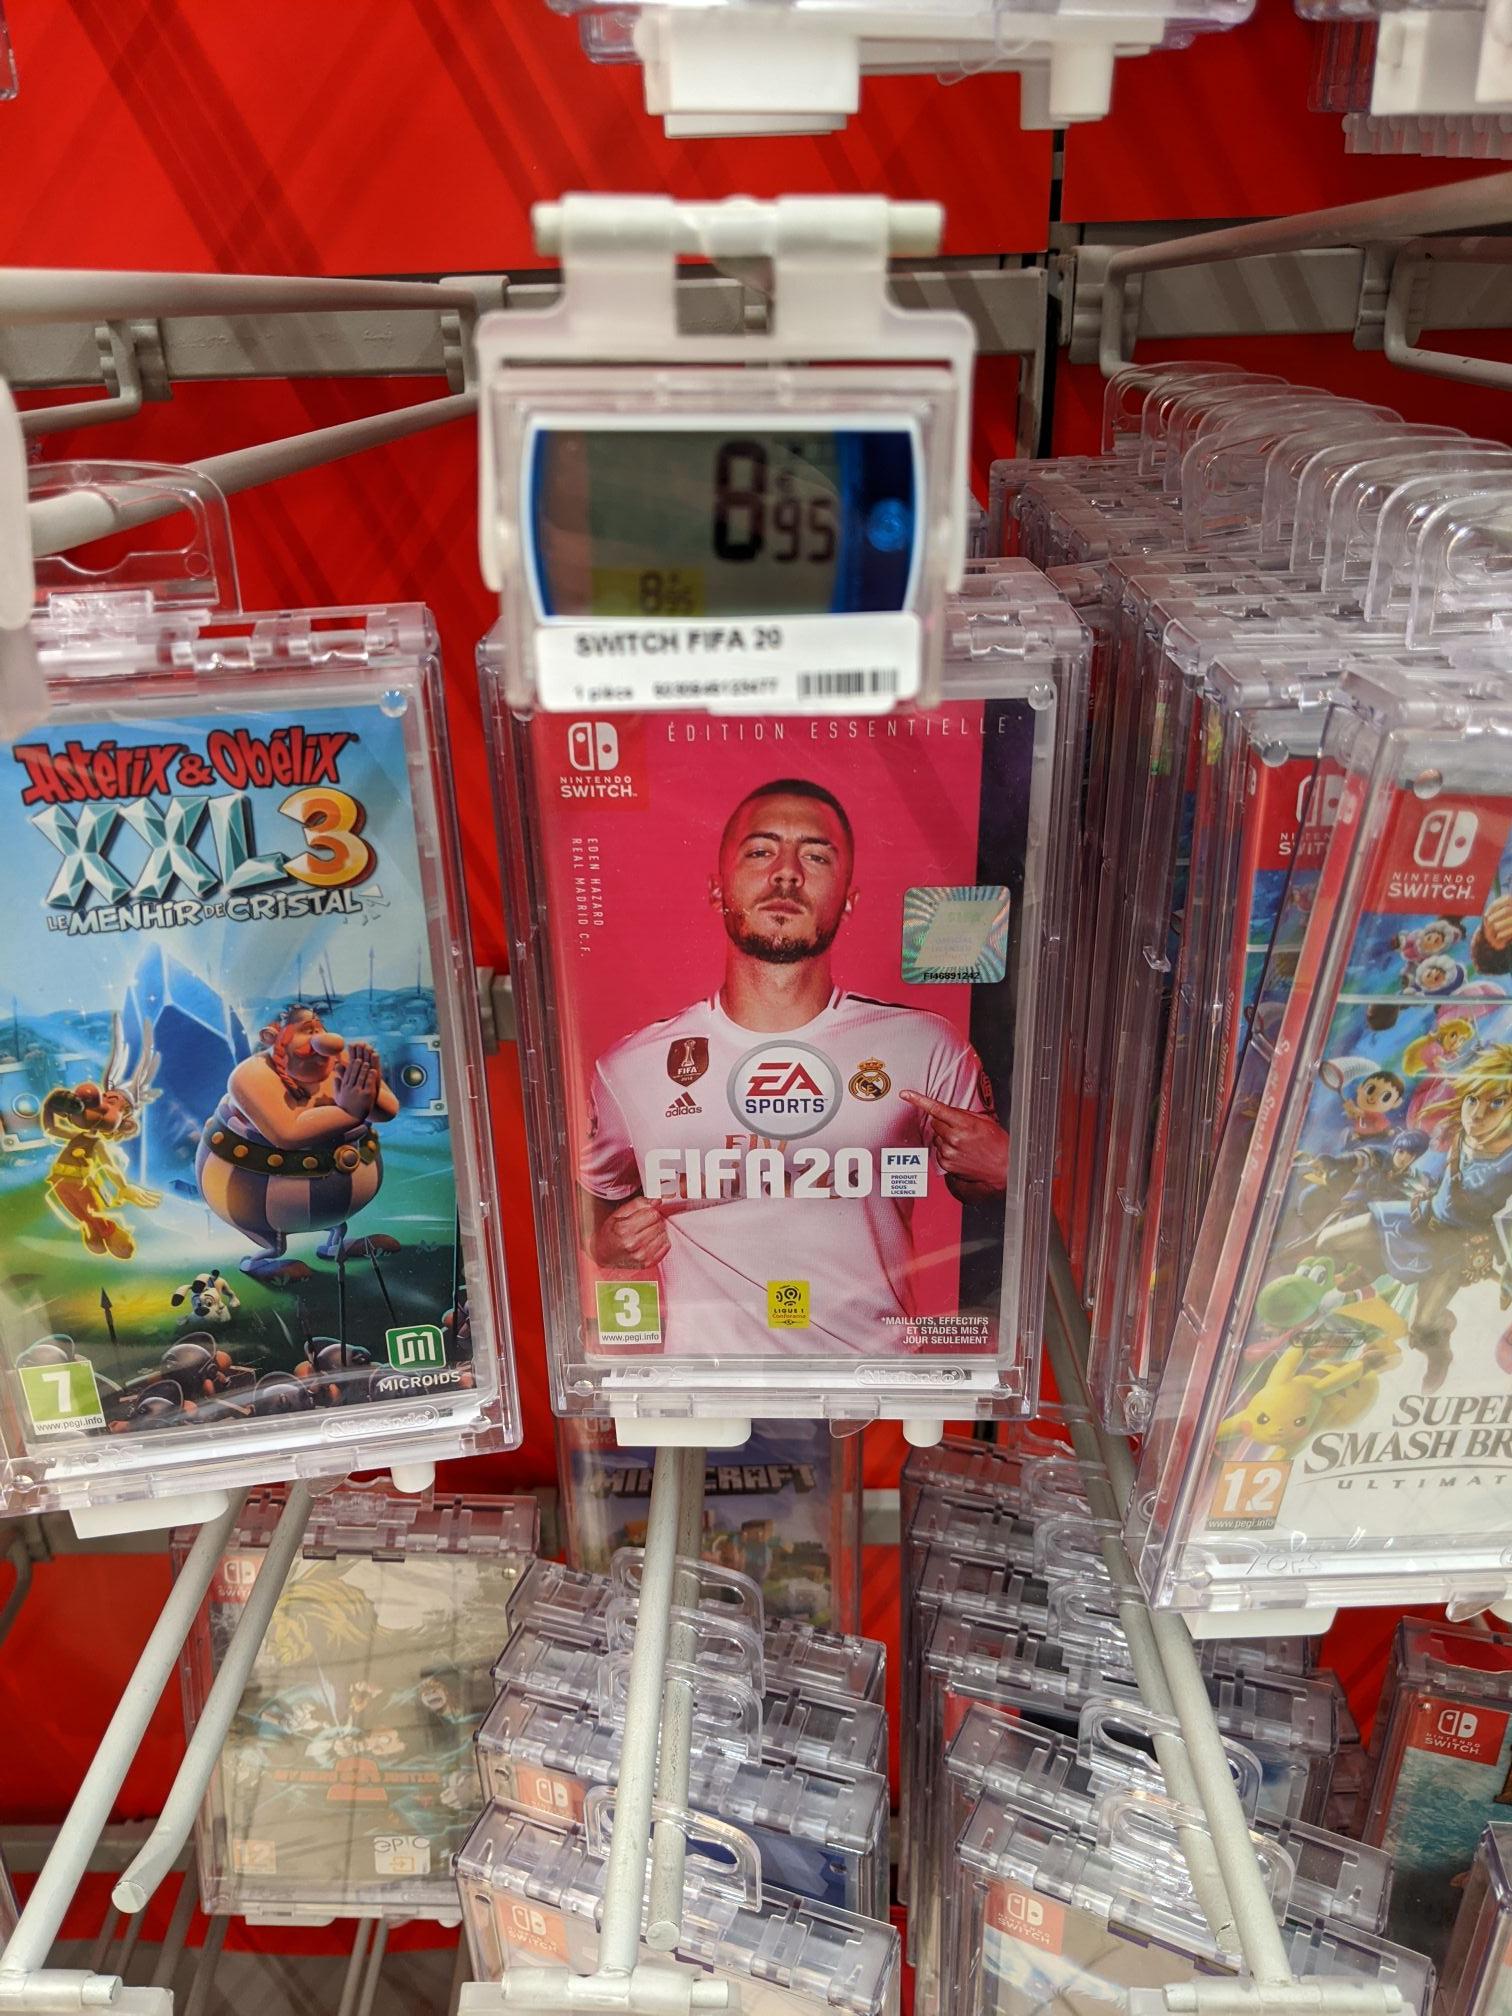 Jeu FIFA 20 sur Nintendo Switch - Quimper (29)